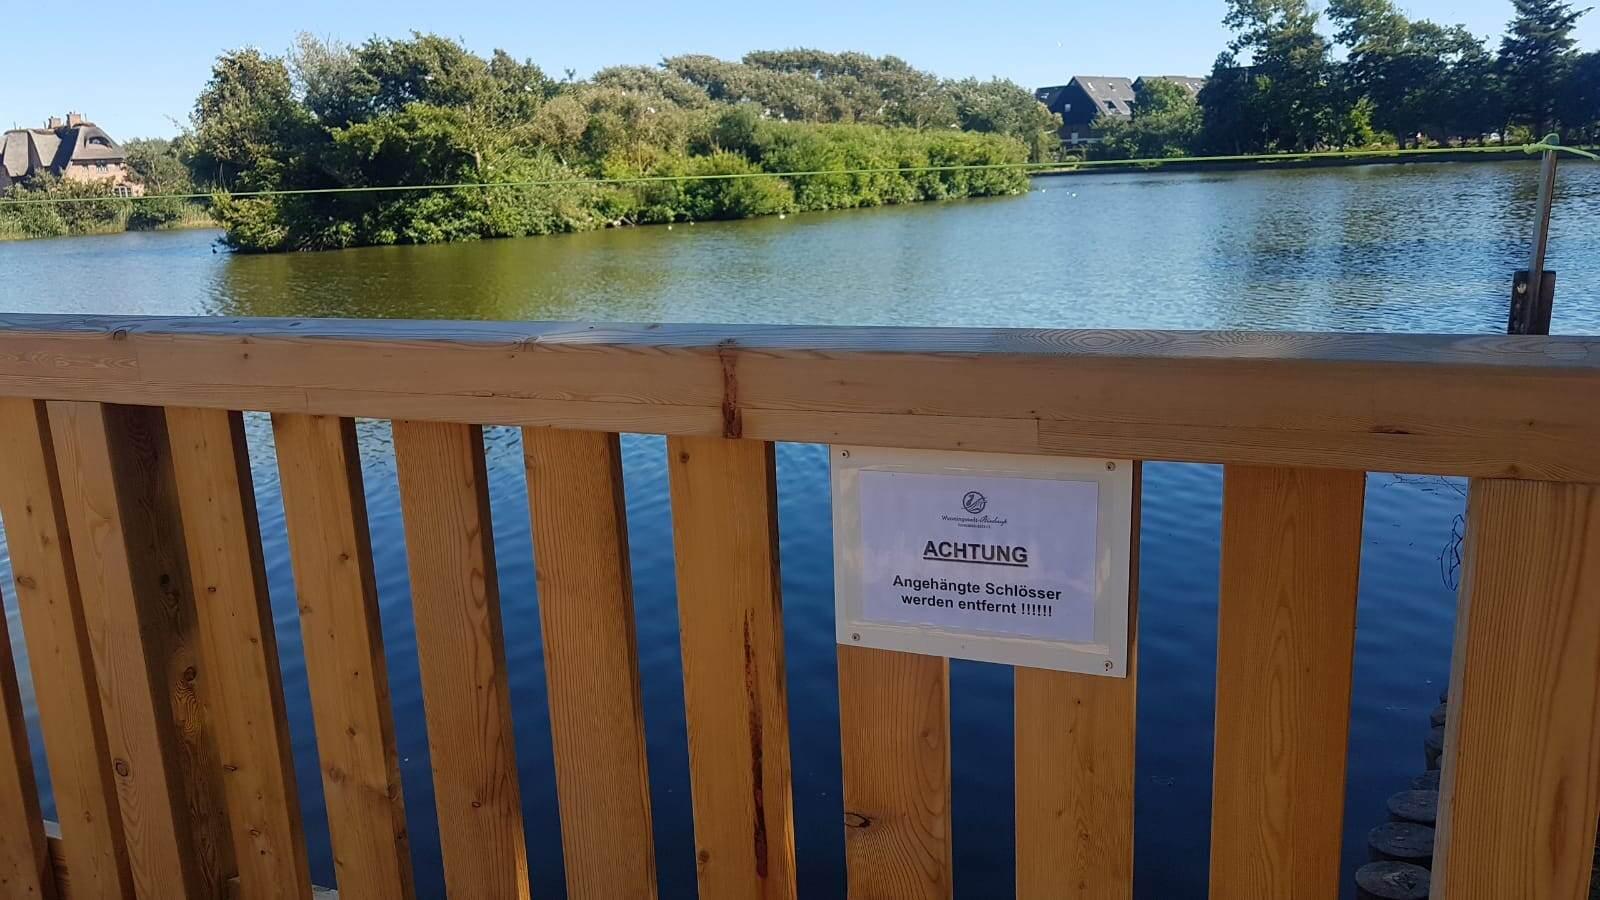 Schlösser anhängen ist an der Wenningstedter Dorfteichbrücke verboten